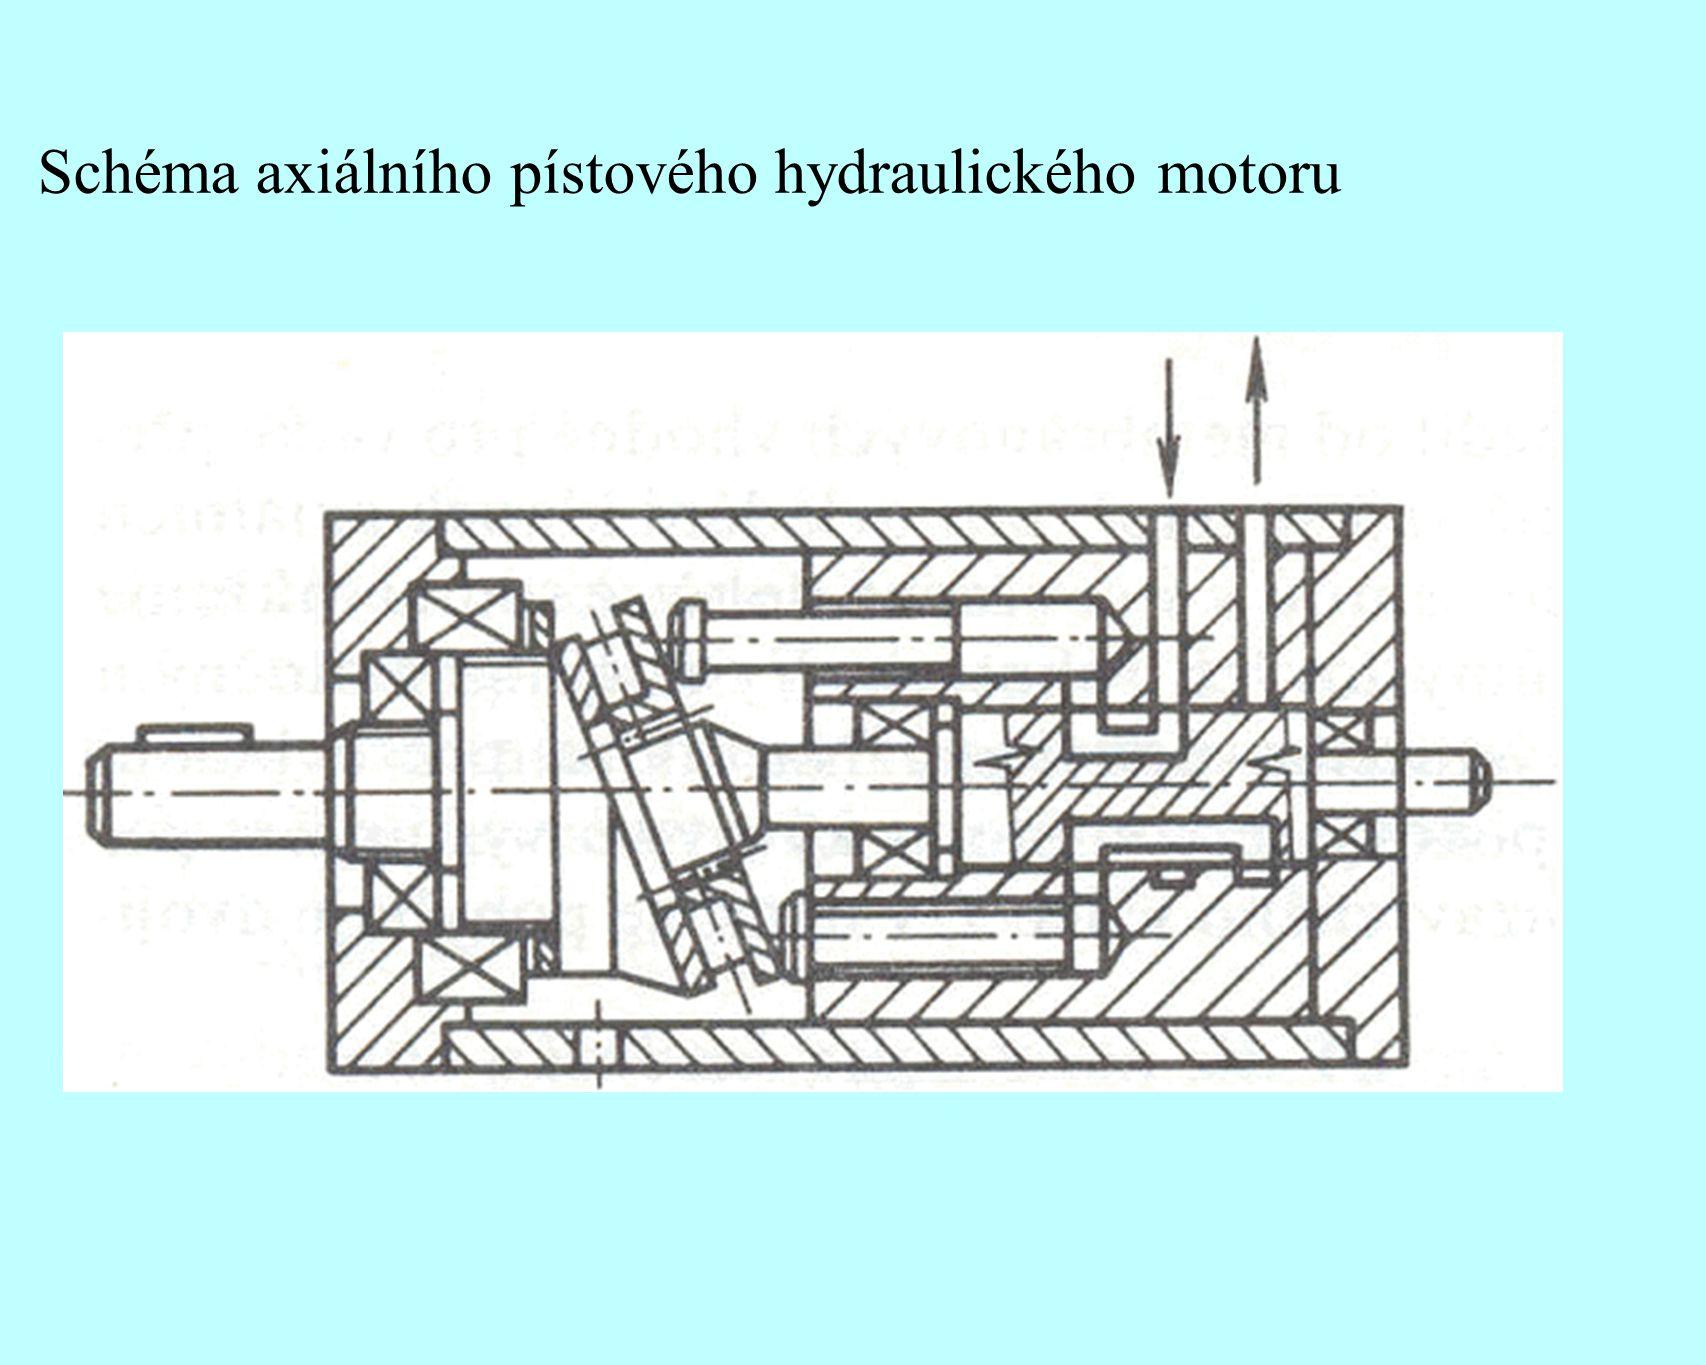 Schéma axiálního pístového hydraulického motoru